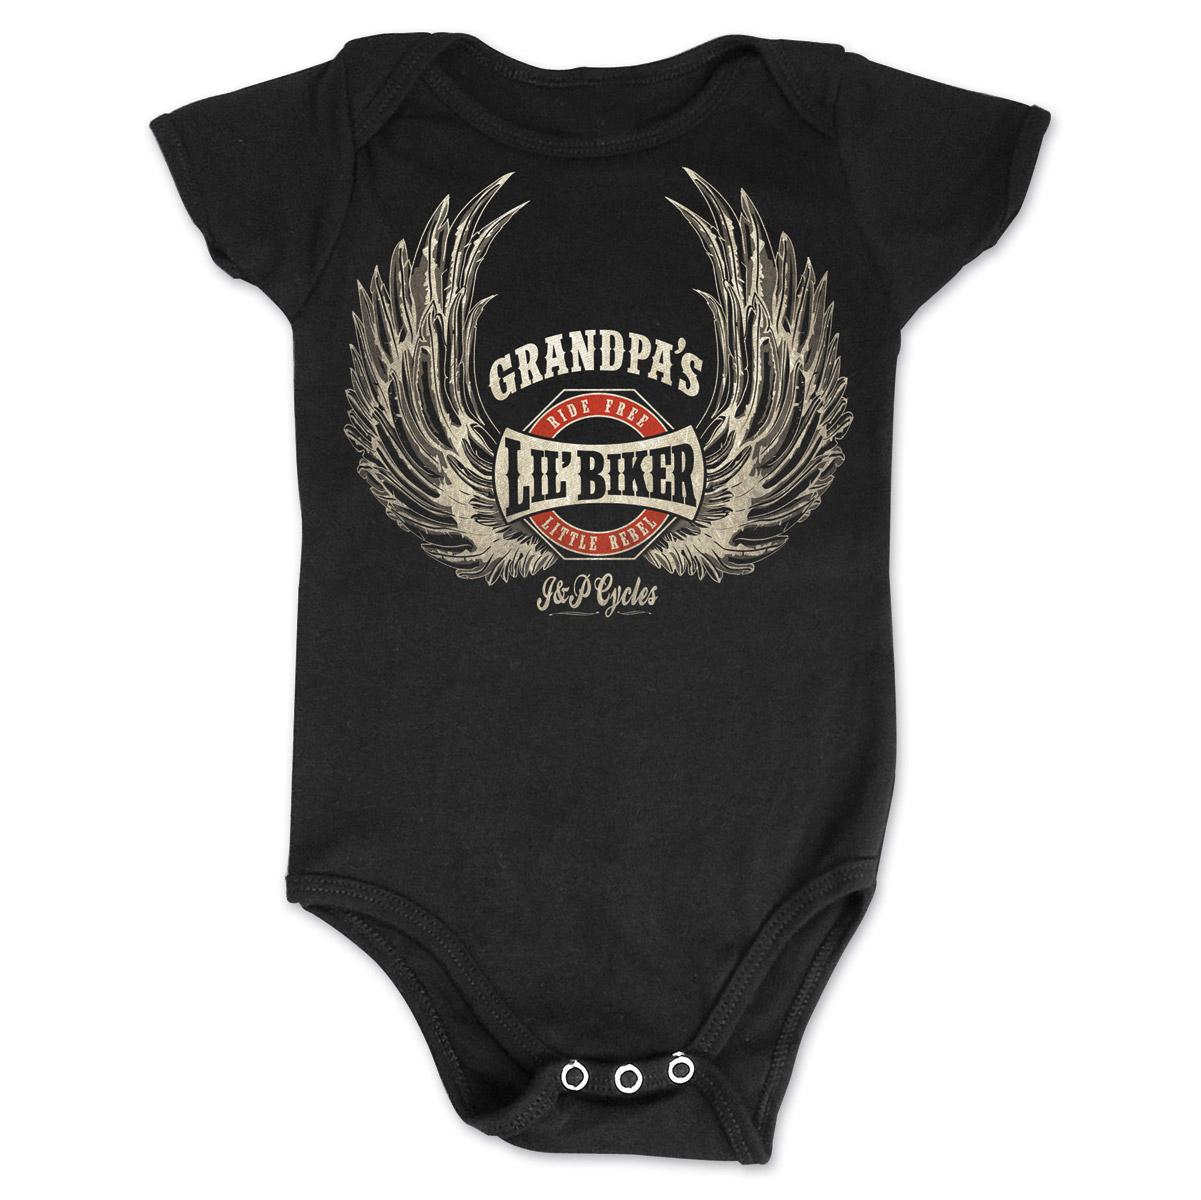 J&P Cycles® Grandpa's Lil' Wings Black Onesie